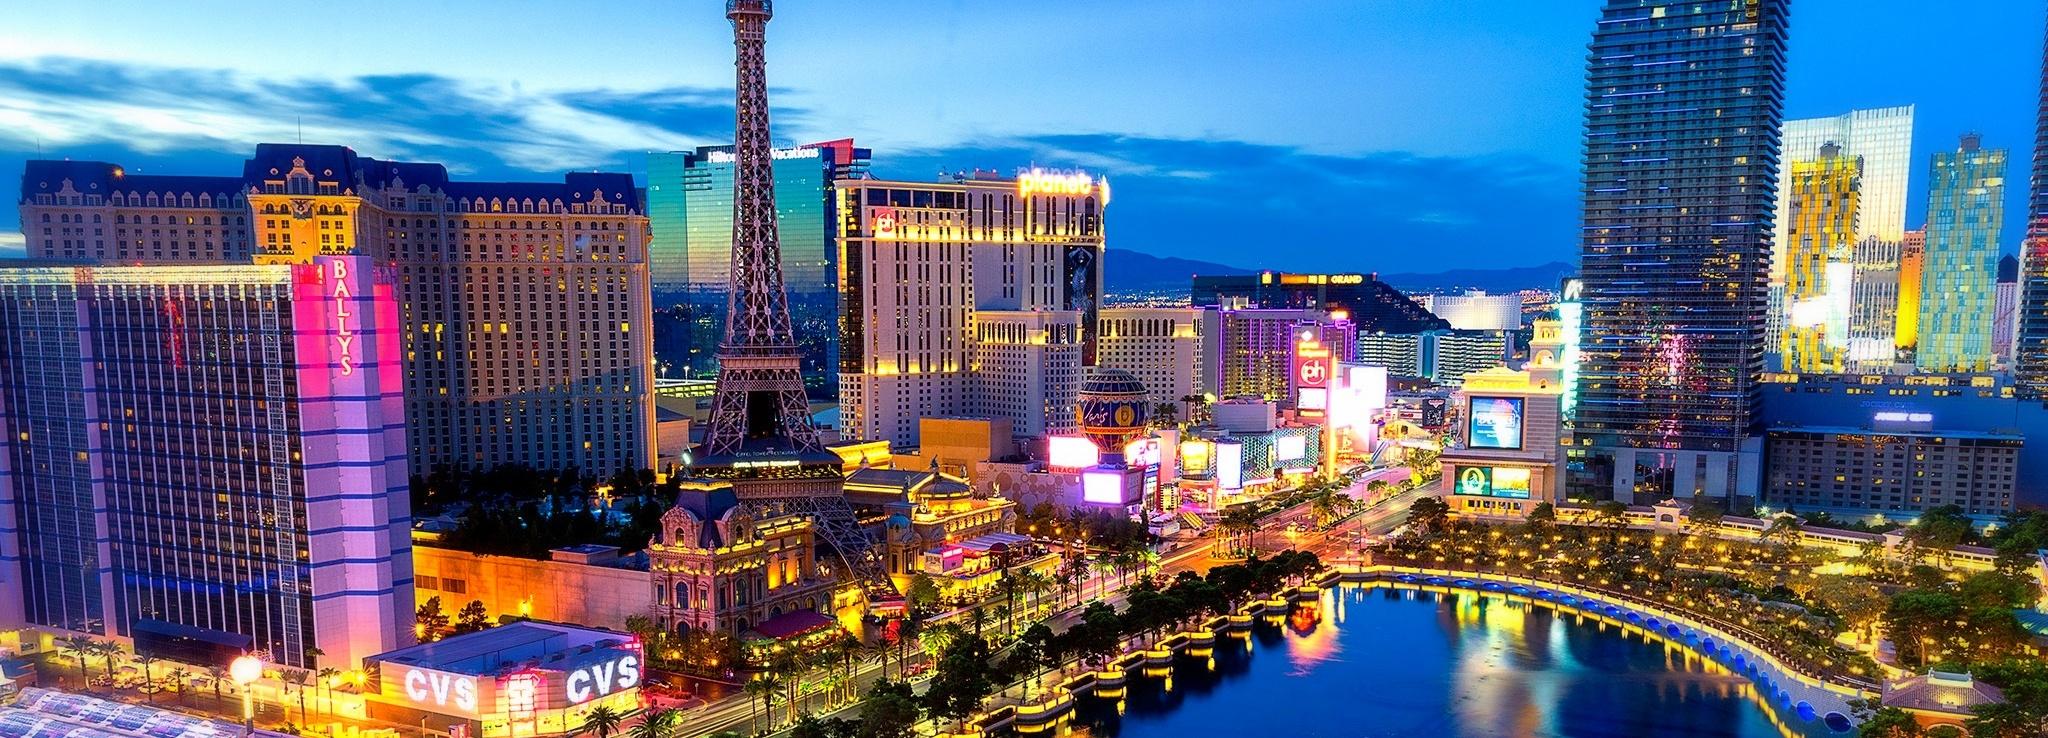 Las Vegas 1-589784-edited.jpg